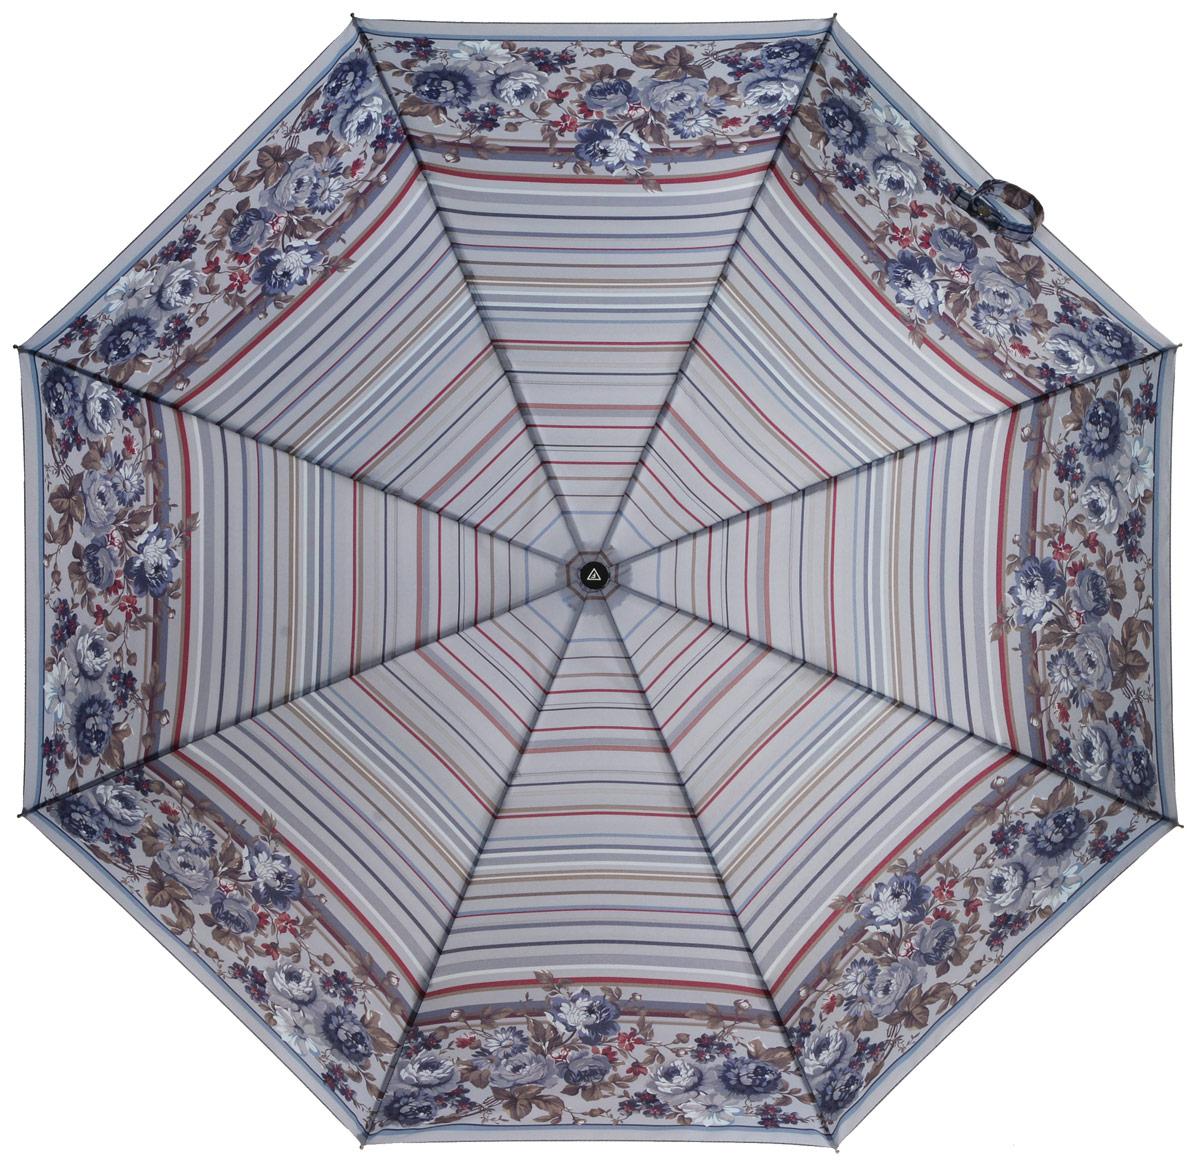 Зонт женский Fabretti, автомат, 3 сложения, цвет: мультиколор. L-16102-1L-16102-1Зонт женский Fabretti, облегченный суперавтомат, 3 сложения.Такой зонтик сможет стать настоящим украшением вашего гардероба.